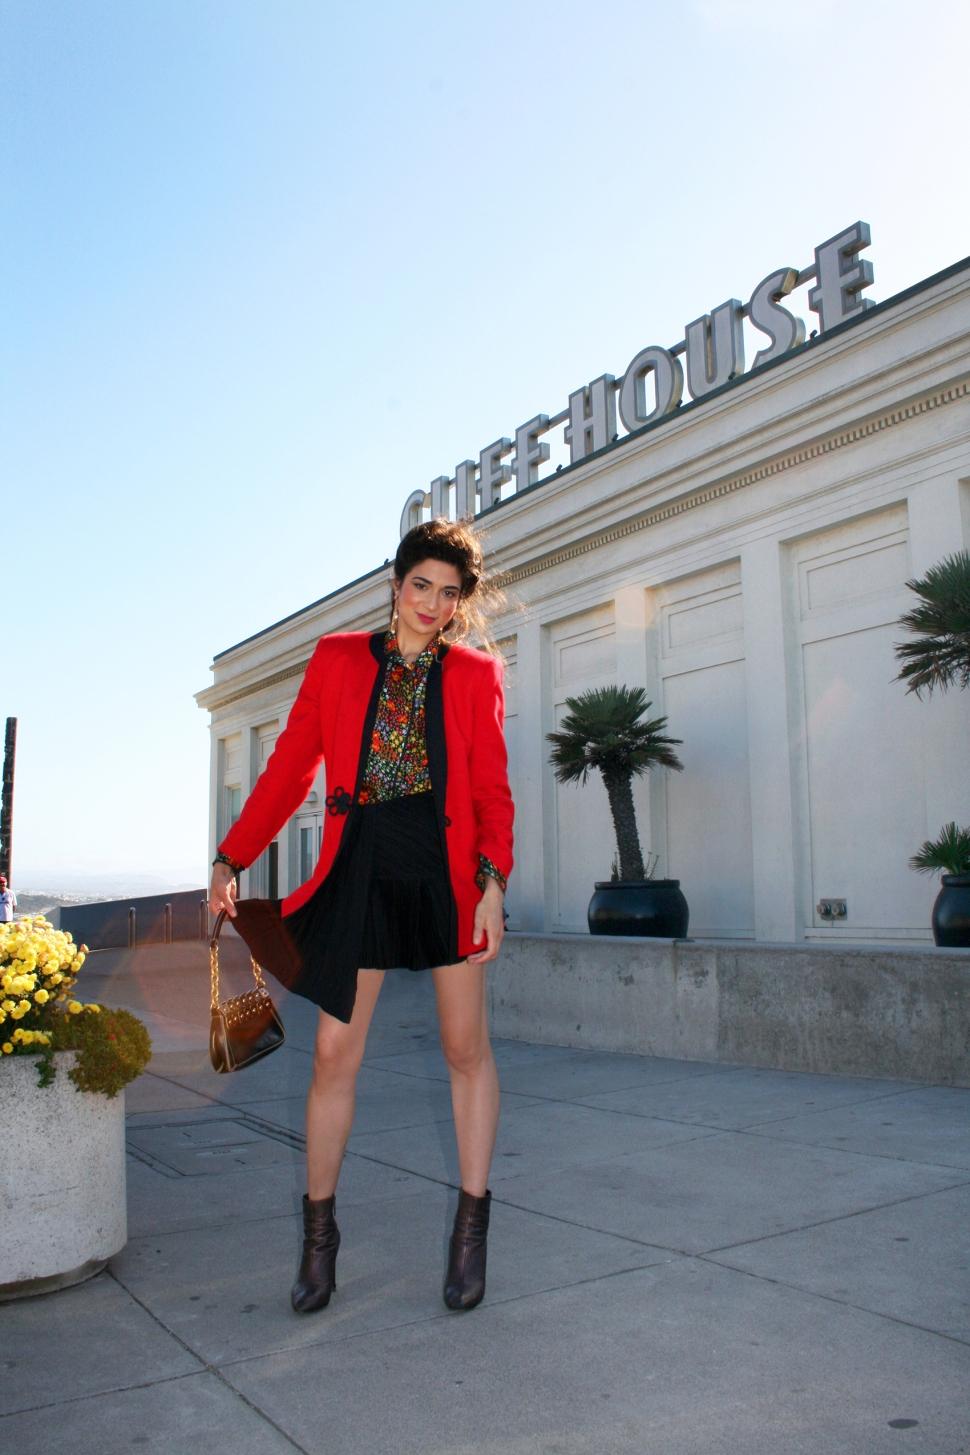 Fall Fashion, Fashion Week, Fashion Blog, Style Blog, Blogger, Fashionista, Editorial